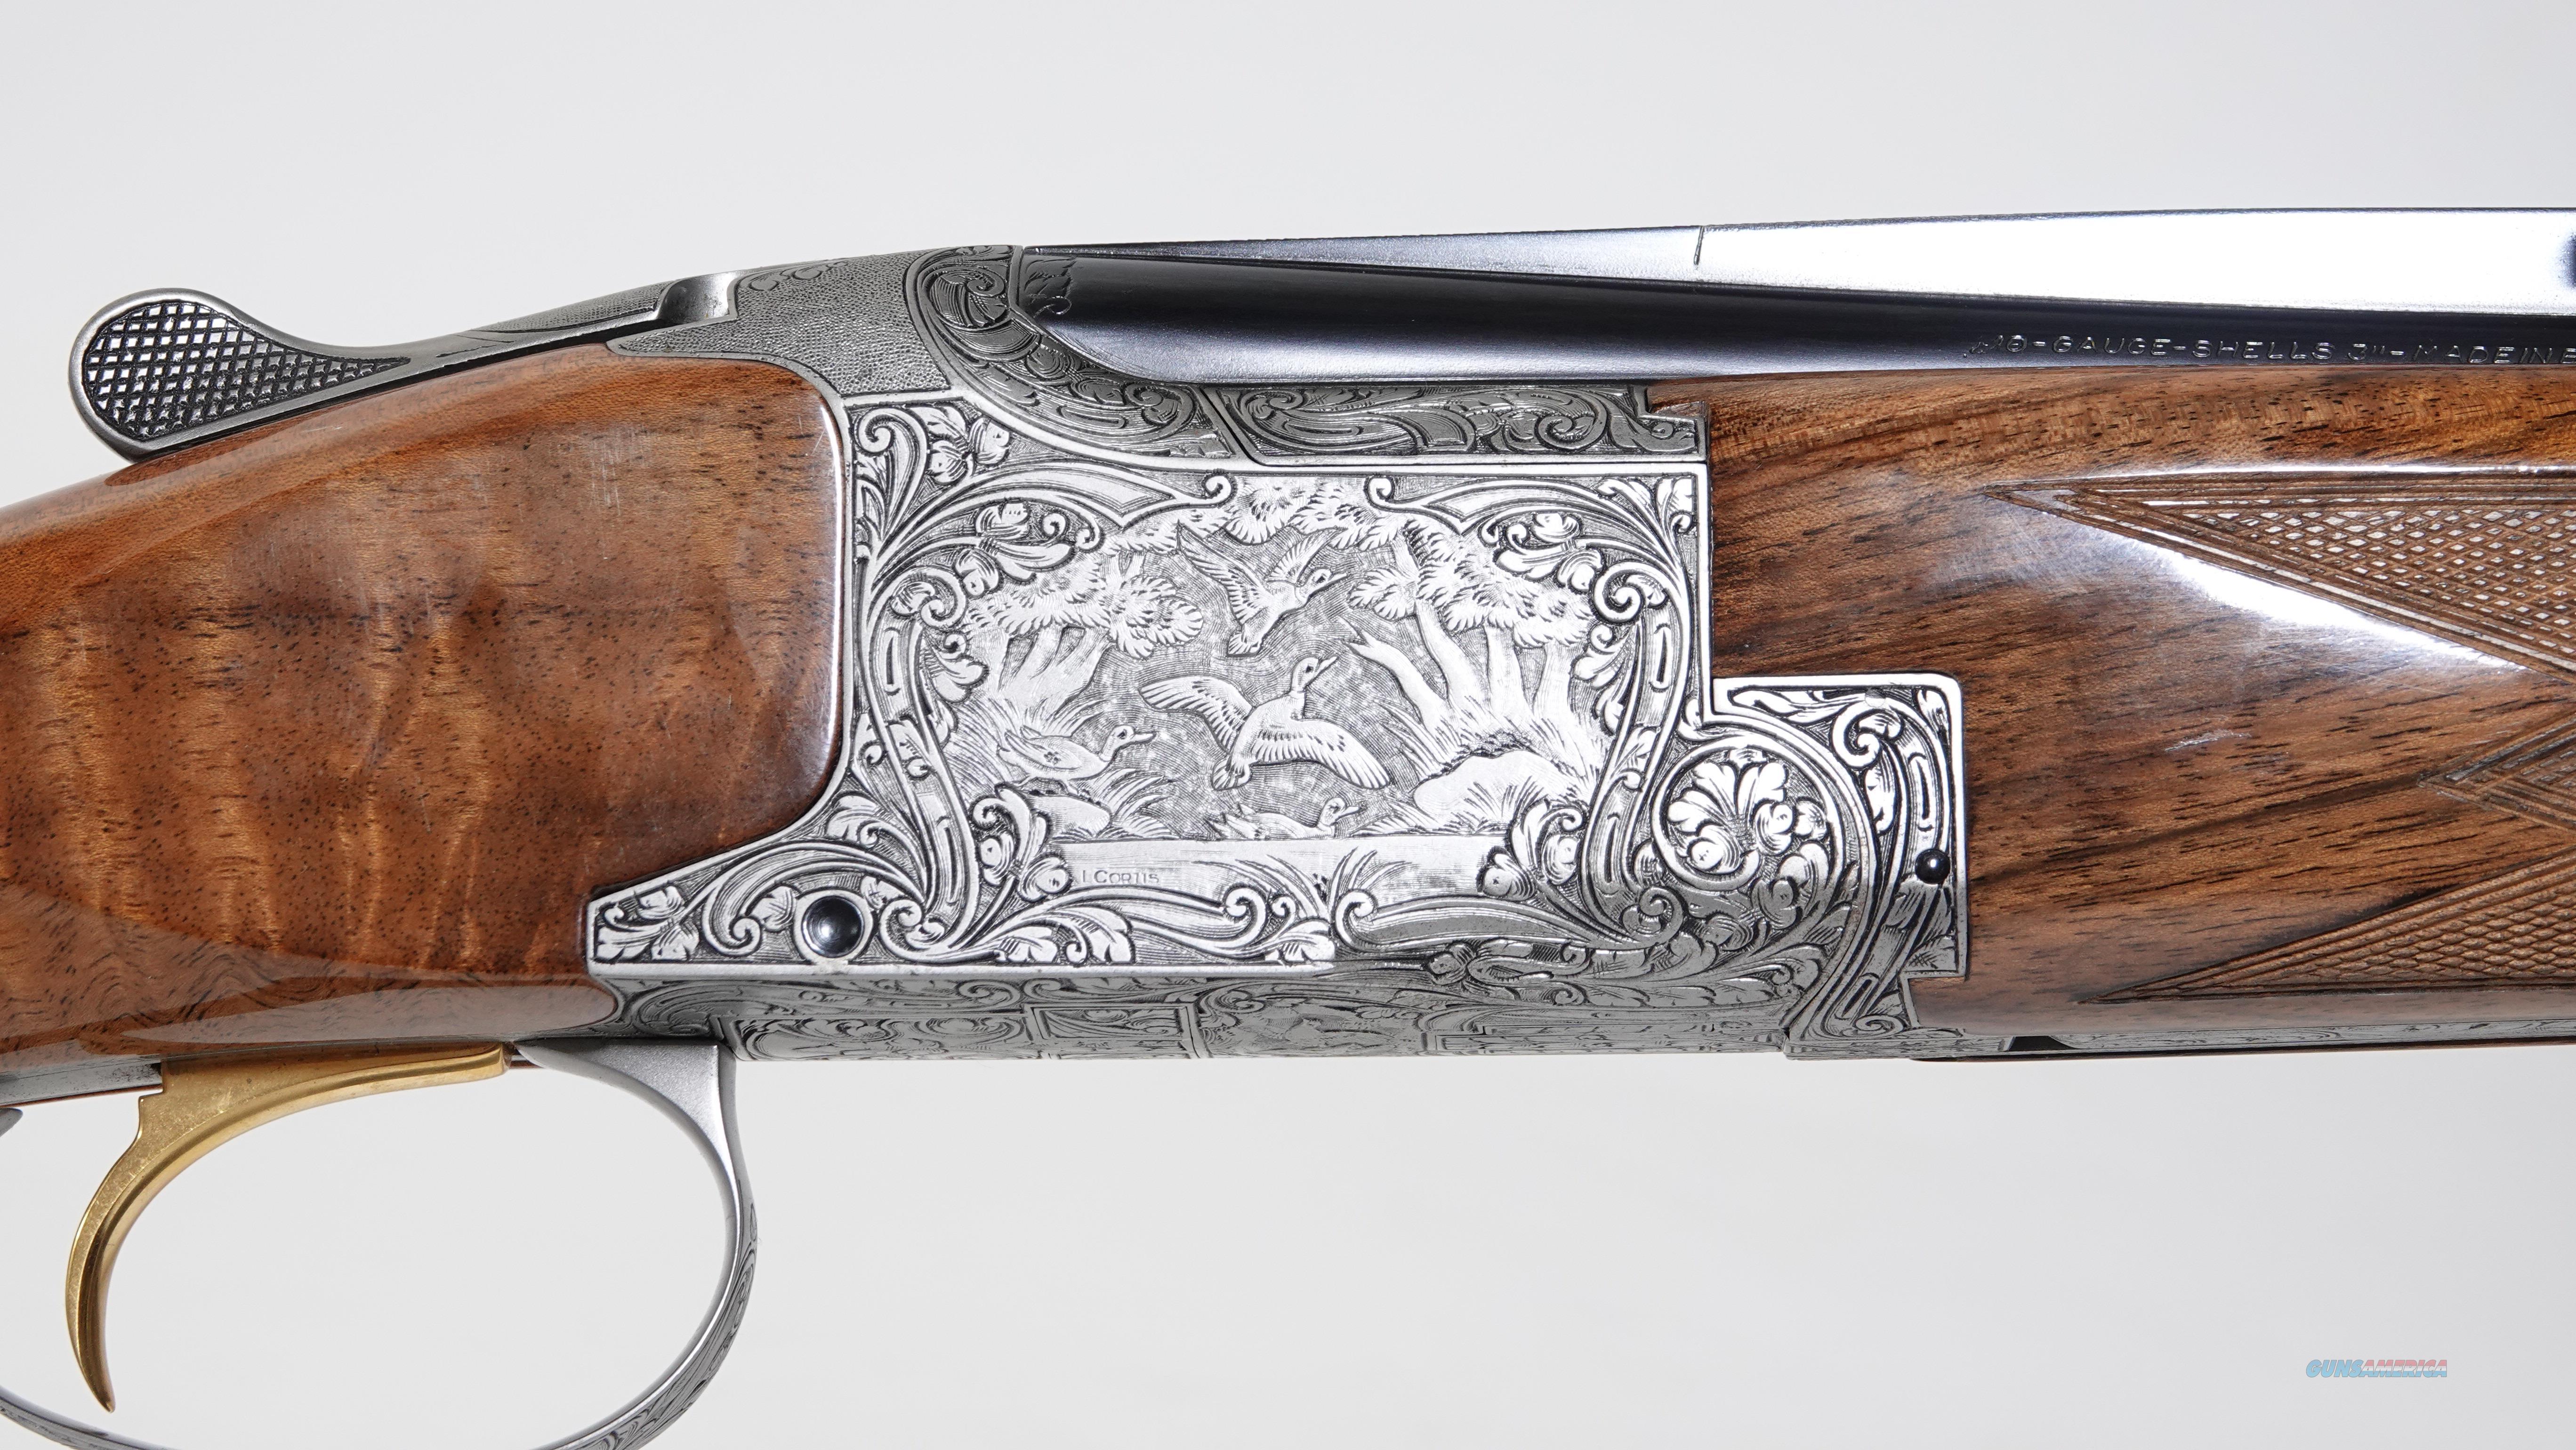 """Browning - Diana, .410ga. 26 1/2"""", Skeet/Skeet  Guns > Shotguns > Browning Shotguns > Over Unders > Belgian Manufacture"""